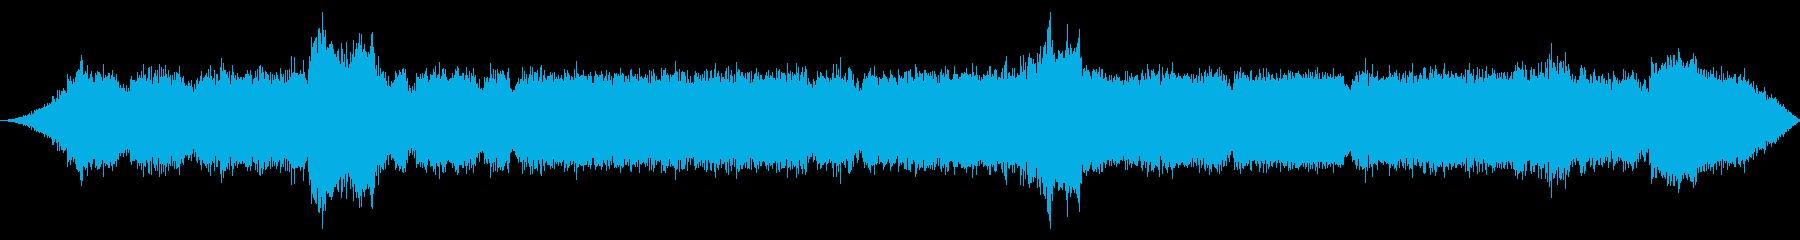 大型ツリーシュレッダーとグラインダ...の再生済みの波形